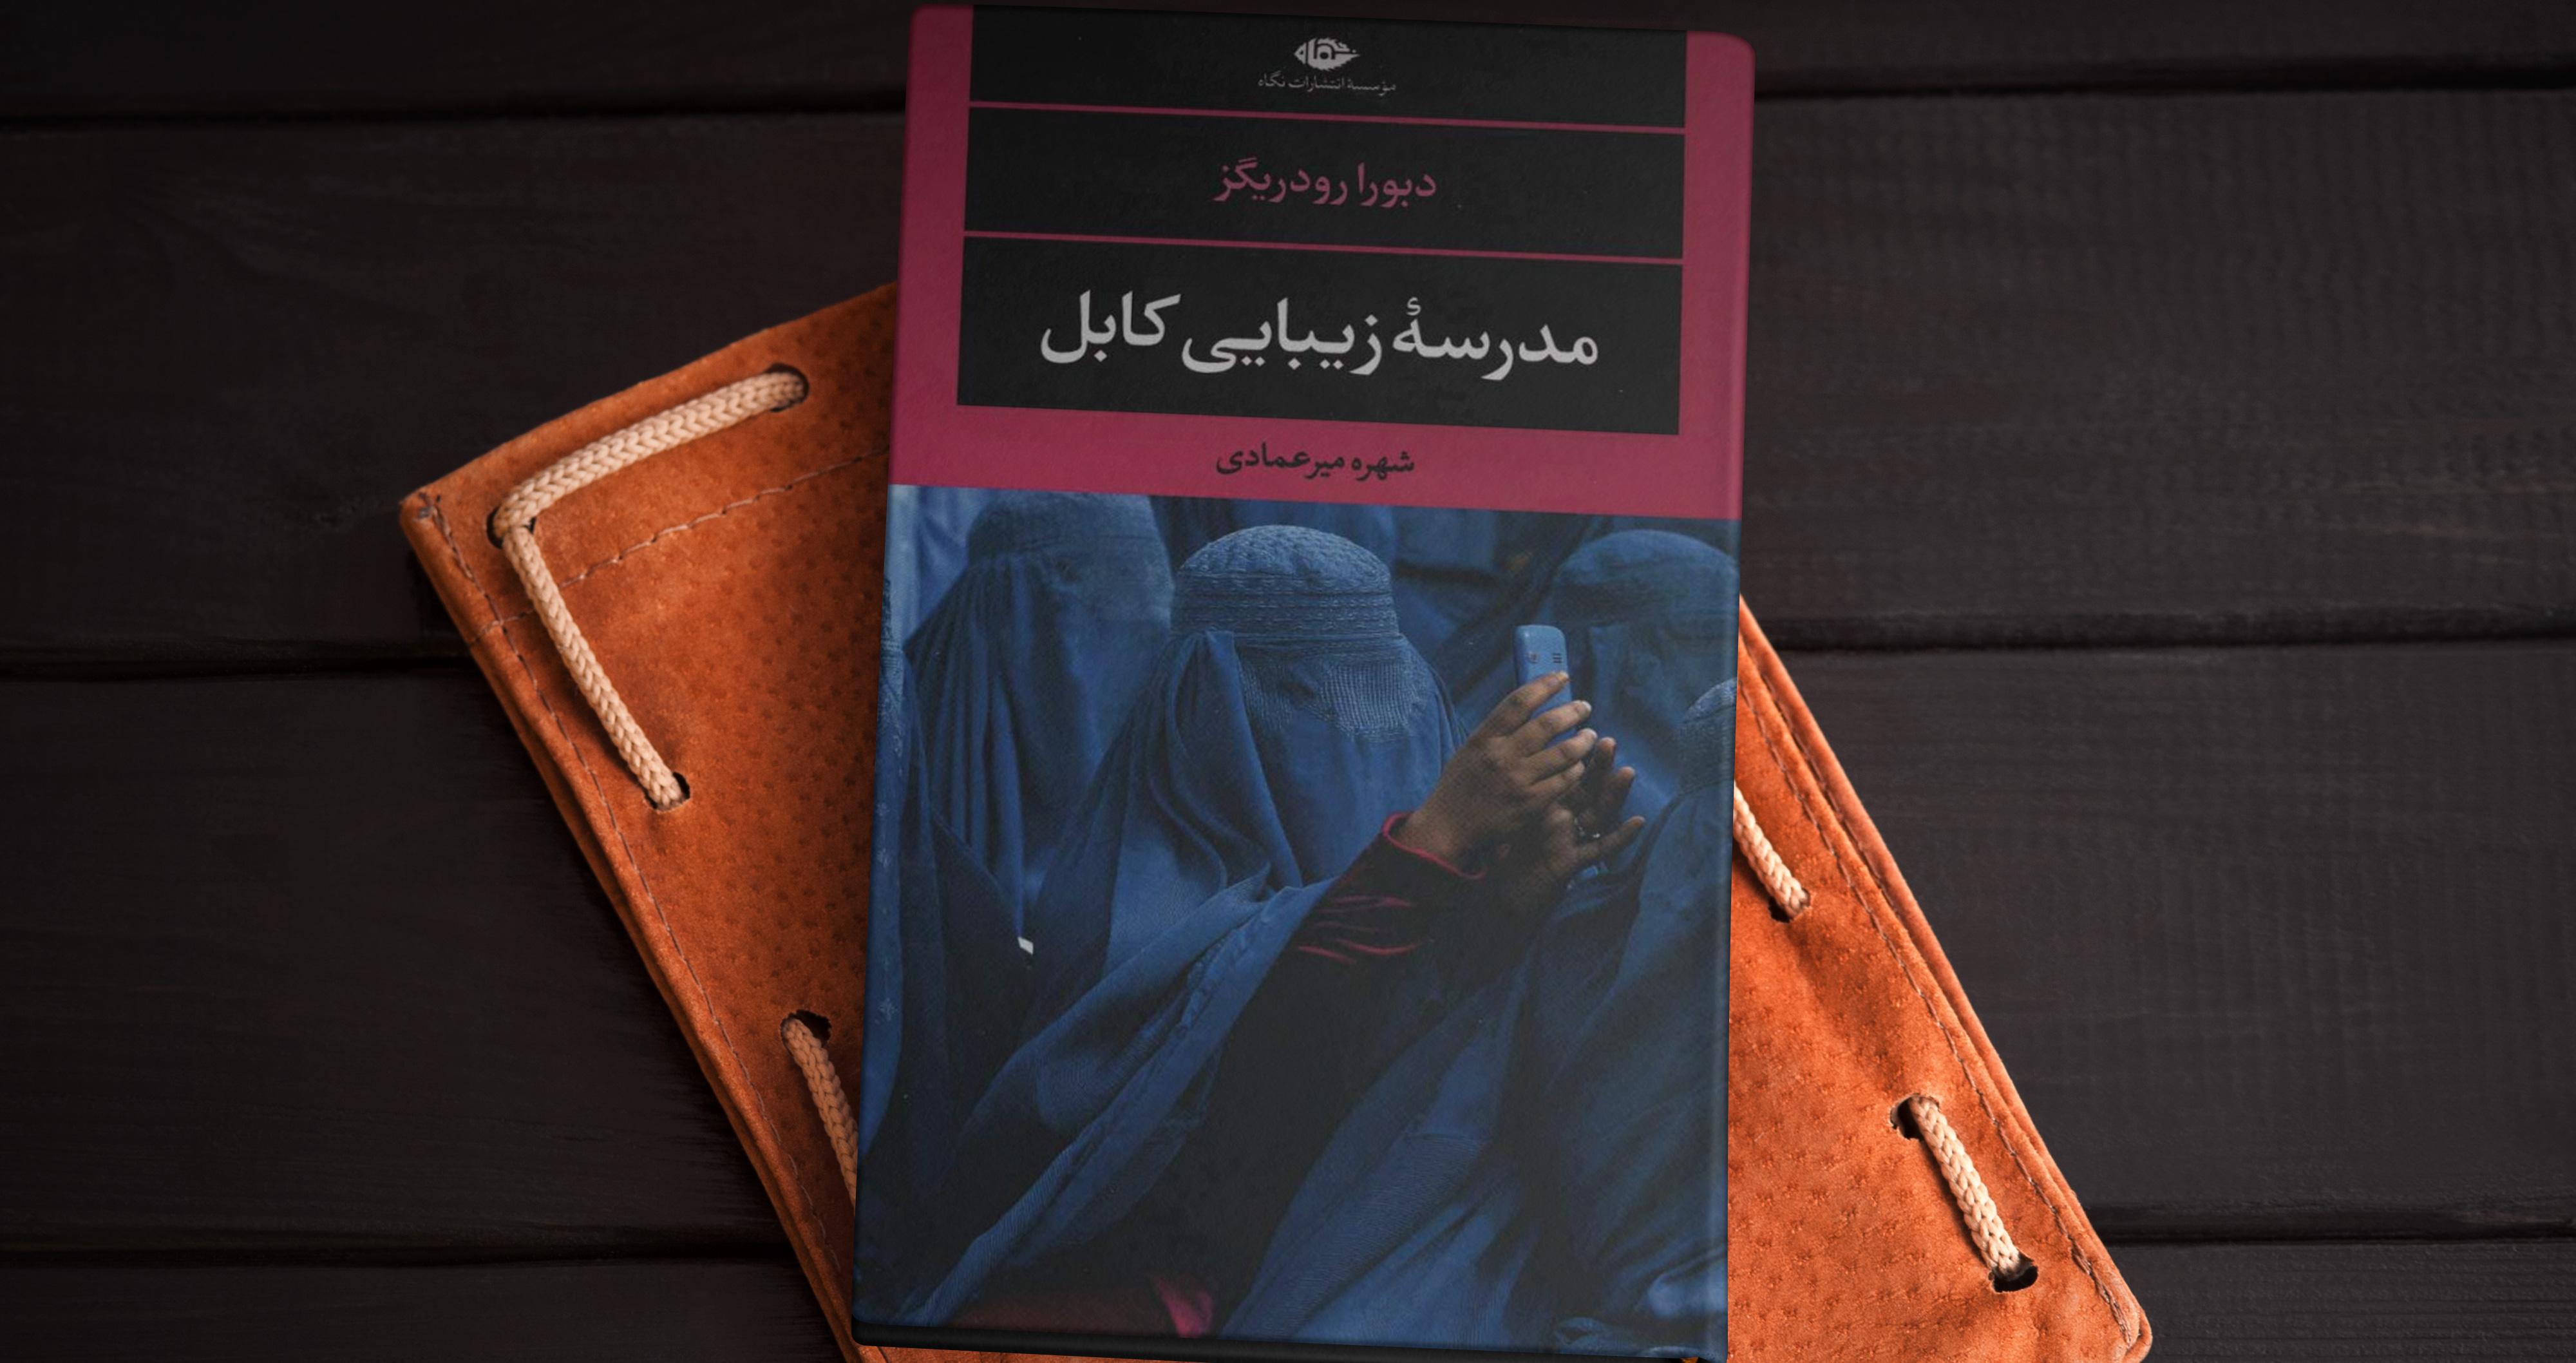 مدرسۀ زیبایی کابل/ چالشهای پیش روی زنان افغان در جهان این روزها